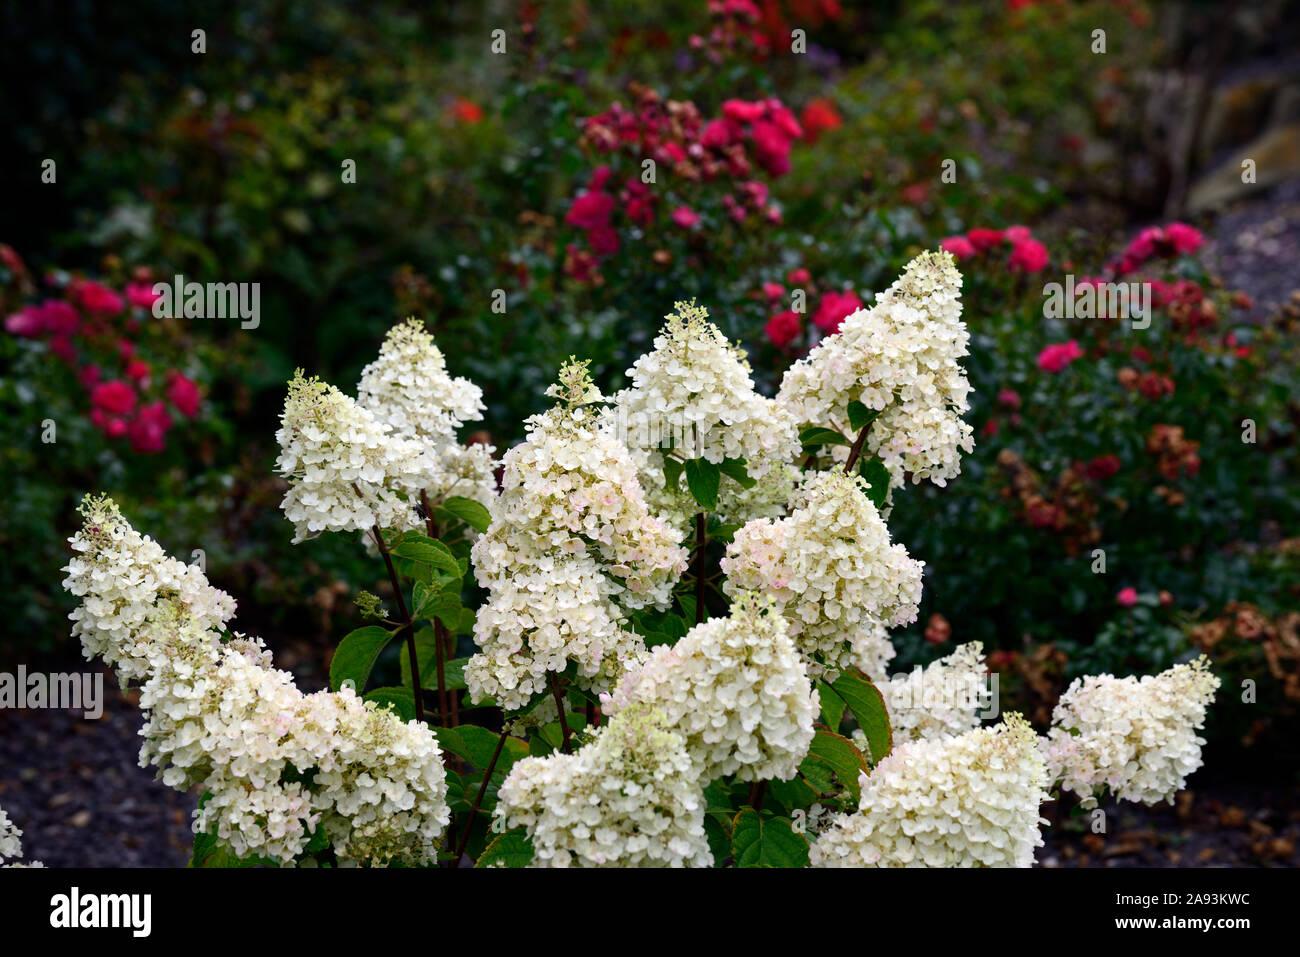 Mixed Shrubs Stock Photos Mixed Shrubs Stock Images Alamy